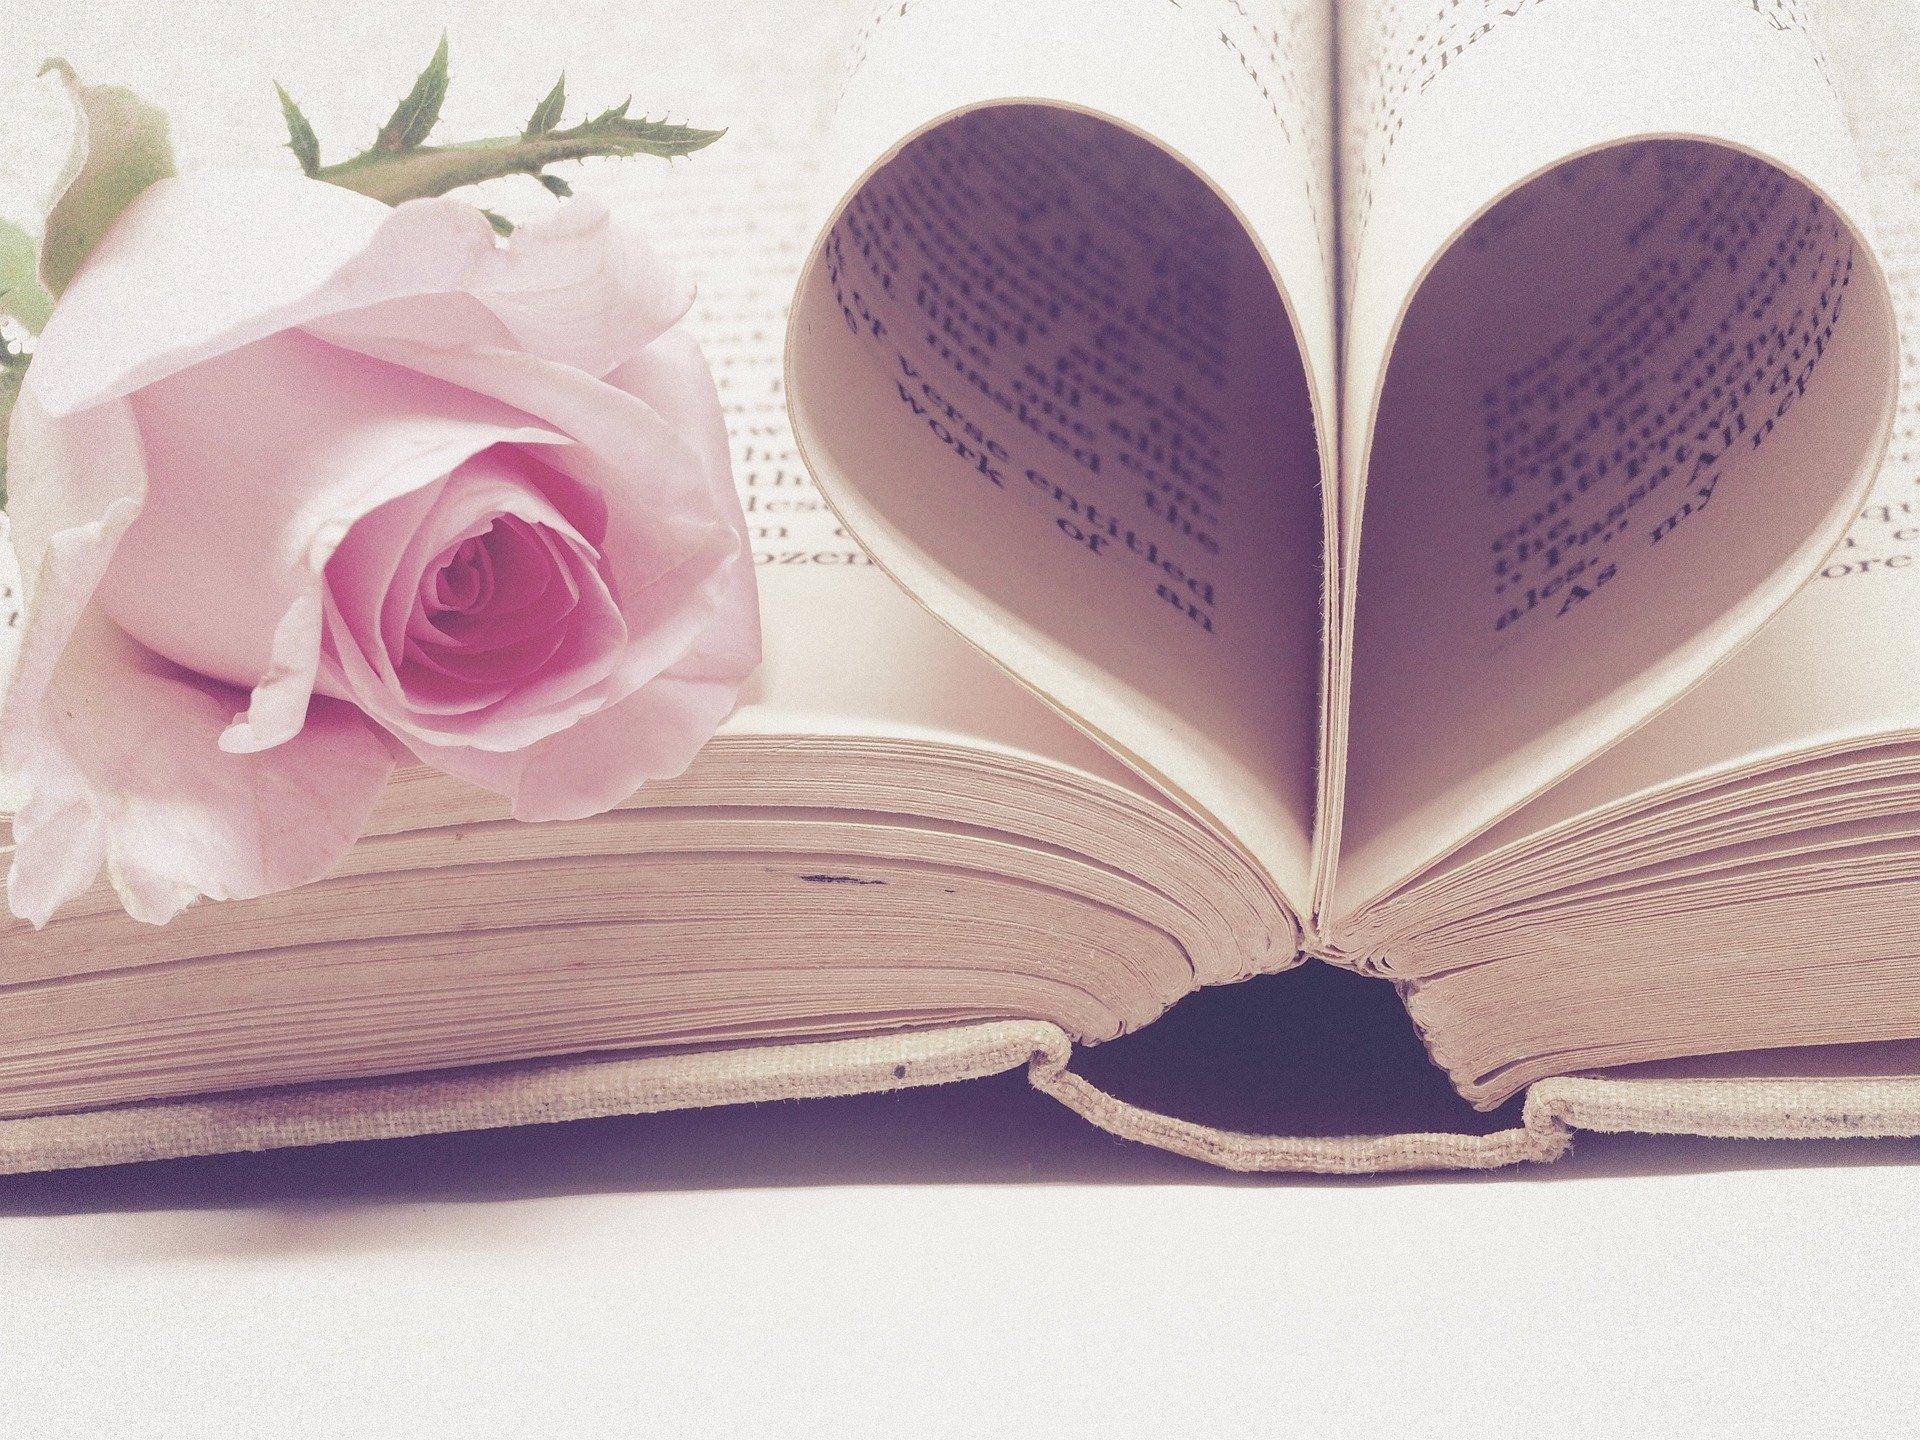 http://www.althea-fleurs.com/wp-content/uploads/2020/01/literature-3060241_1920-1.jpg